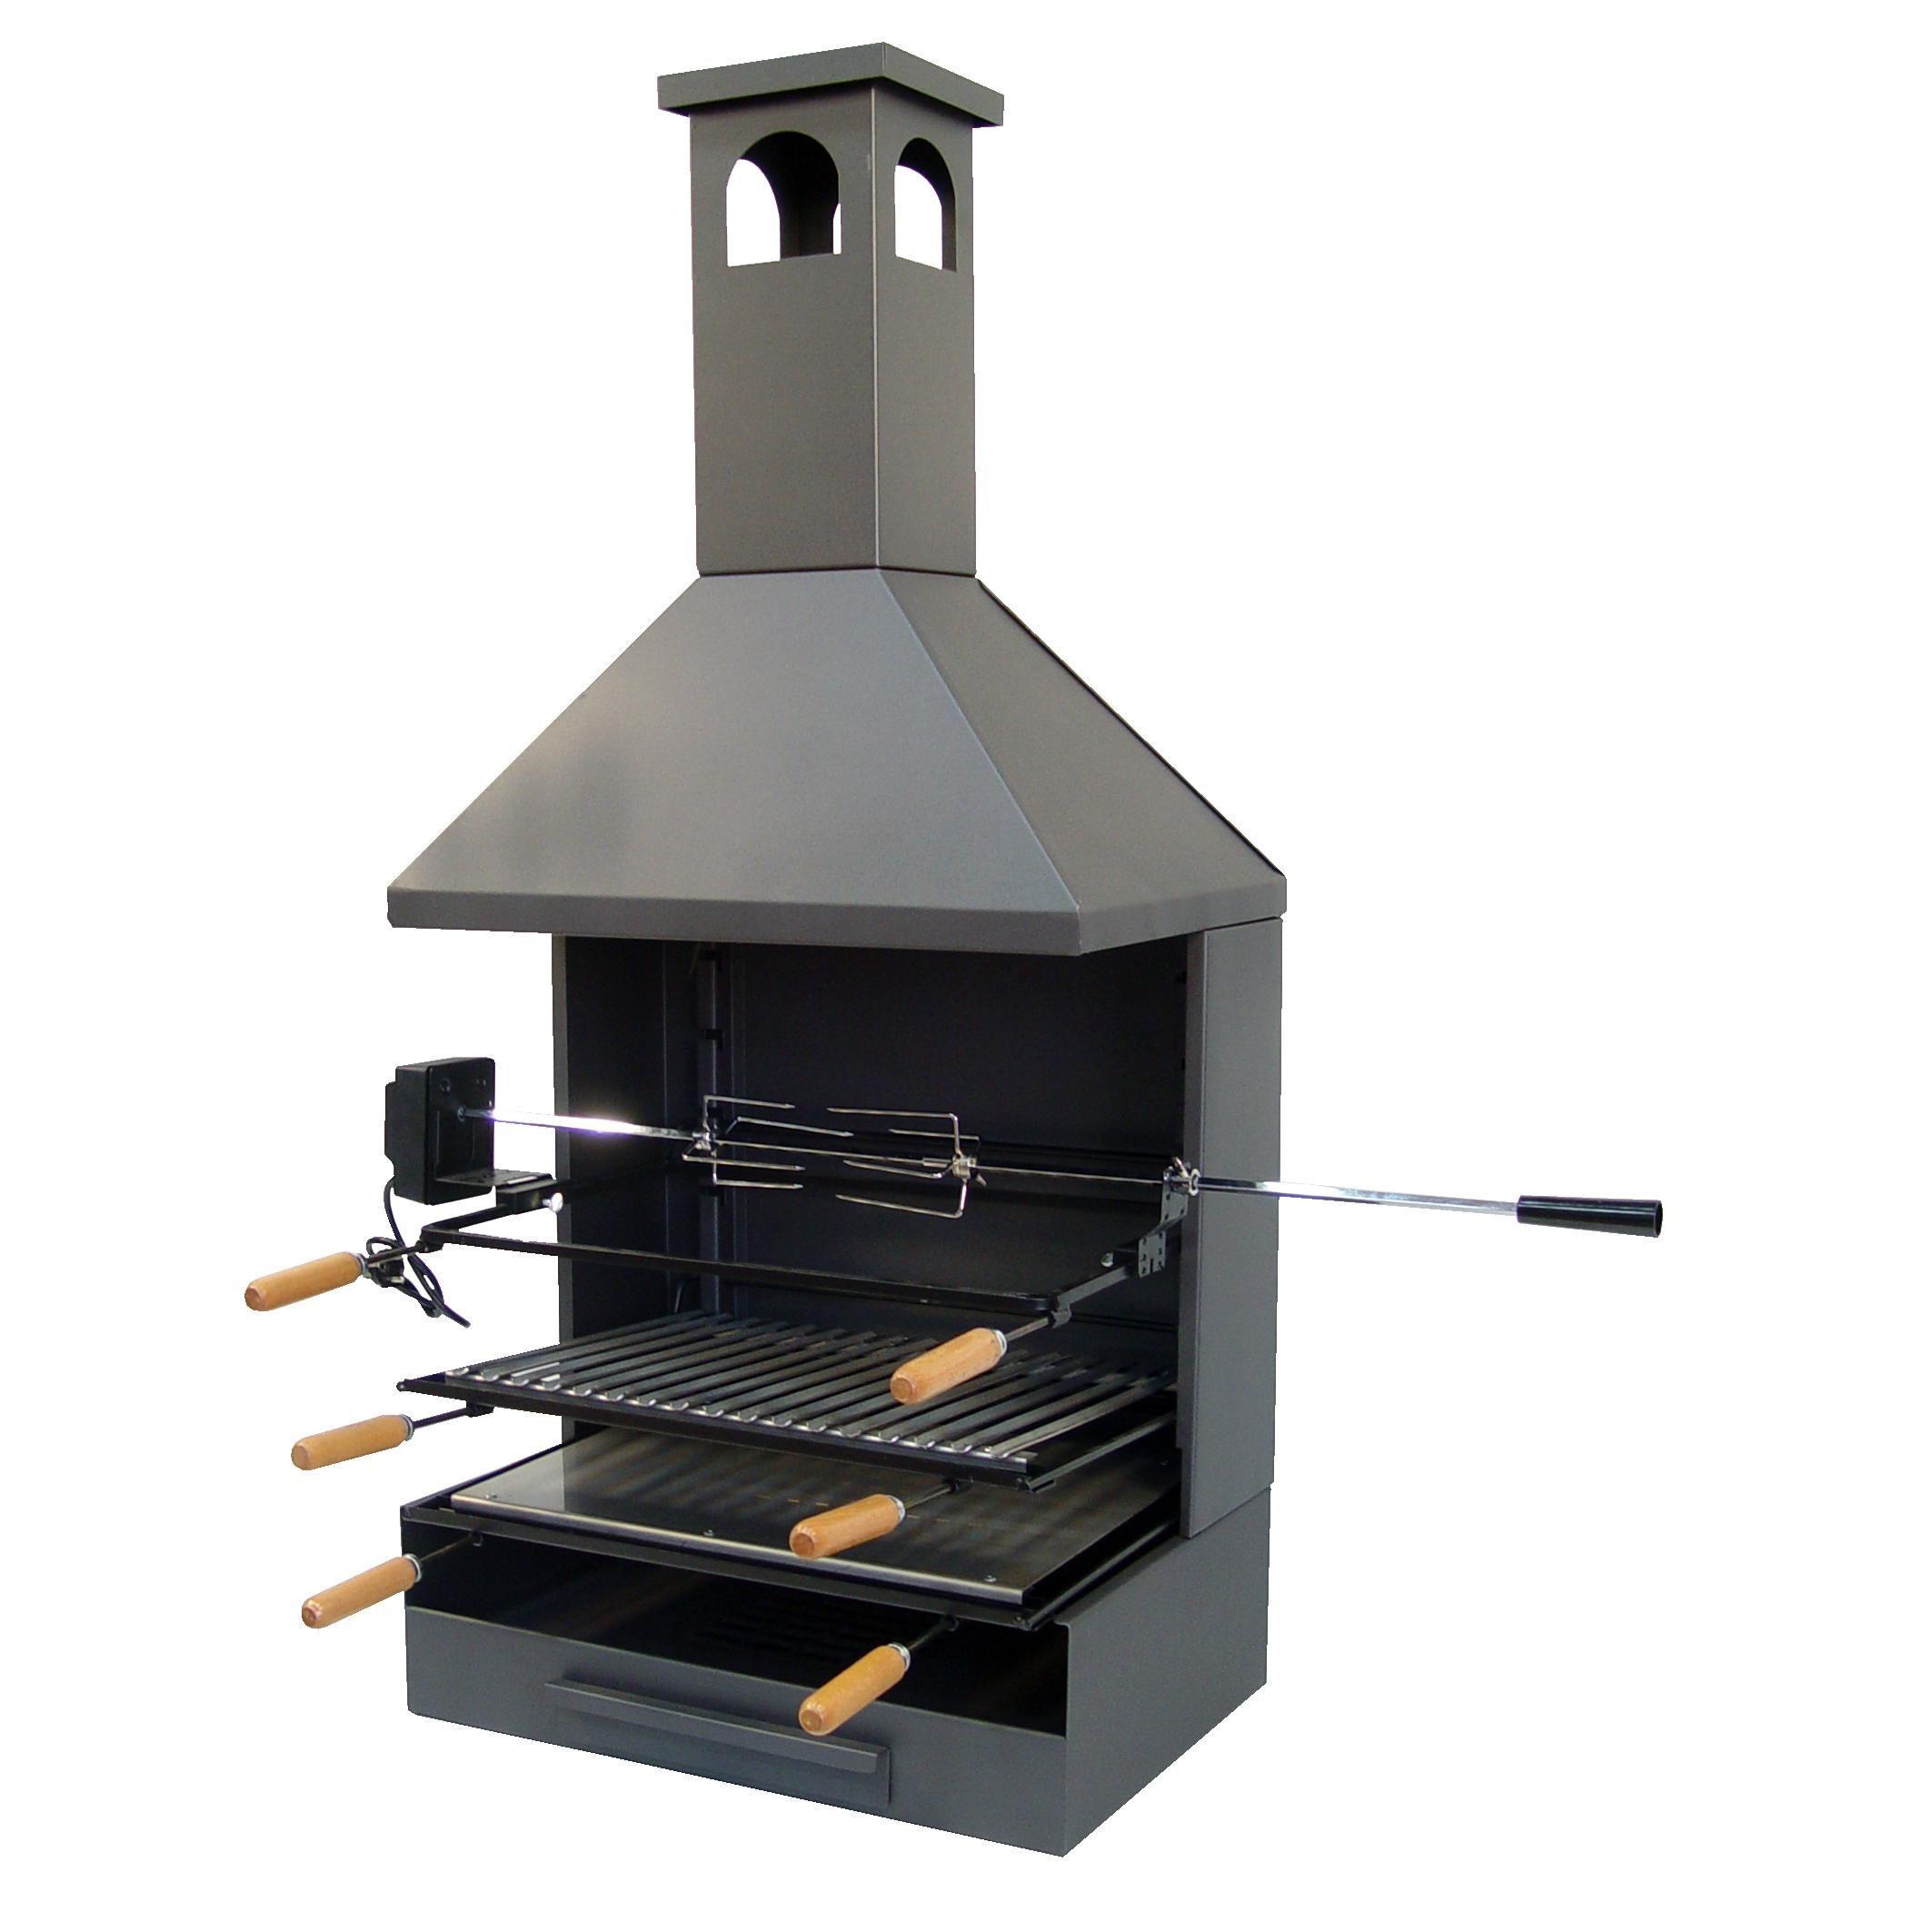 Barbecue avec bac  cendre et cheminée pl¨te par 355 25 € sur